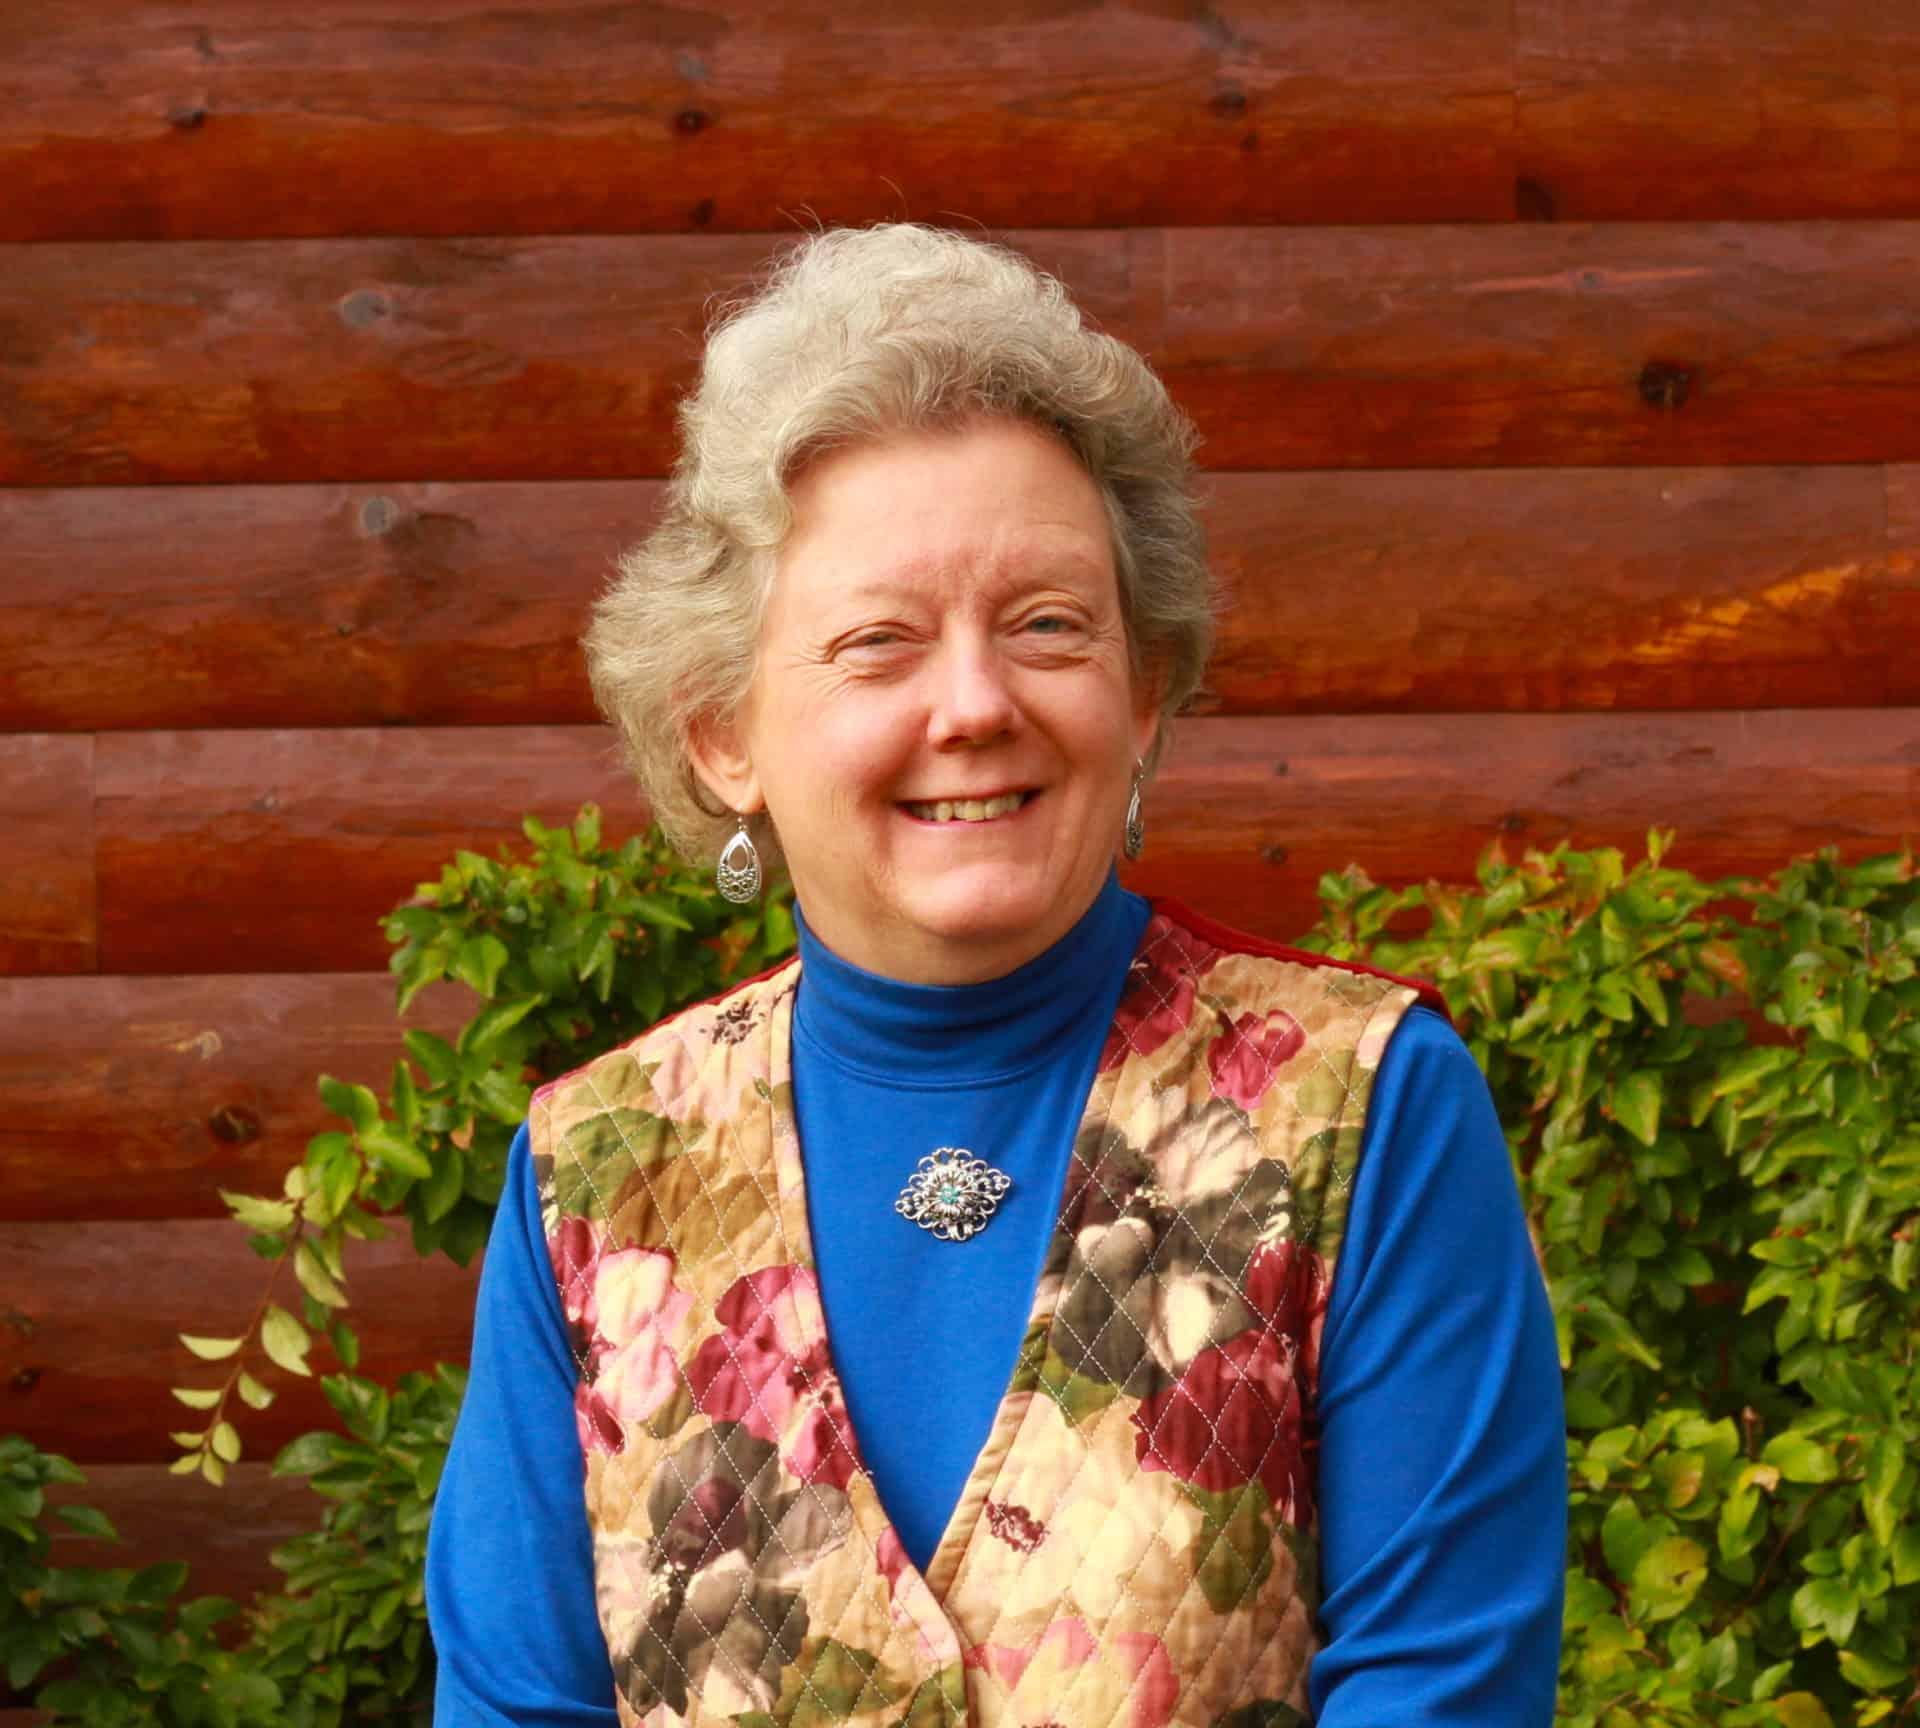 Linda Bates